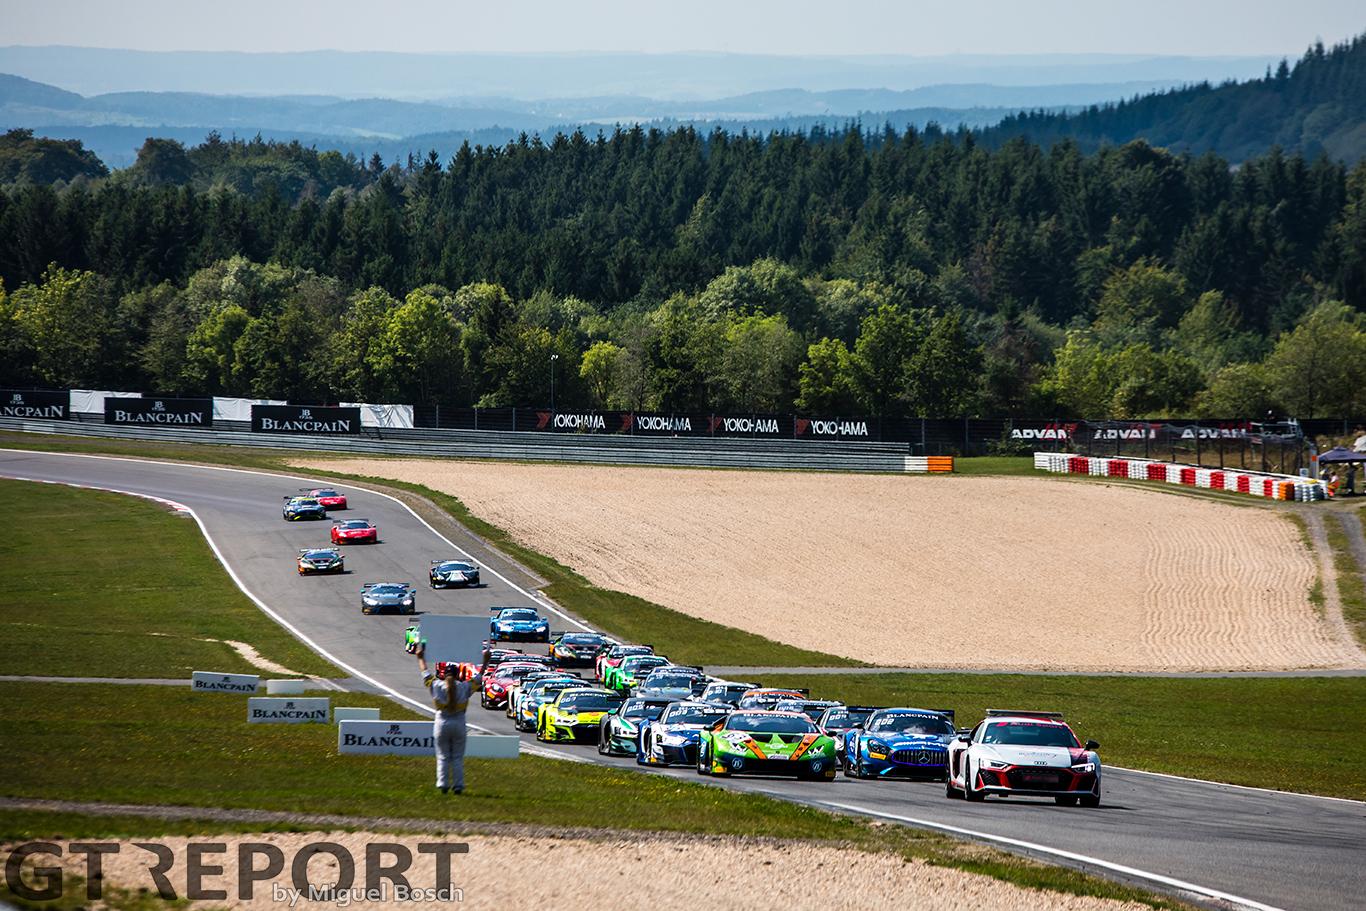 Blancpain GT Nürburgring live stream